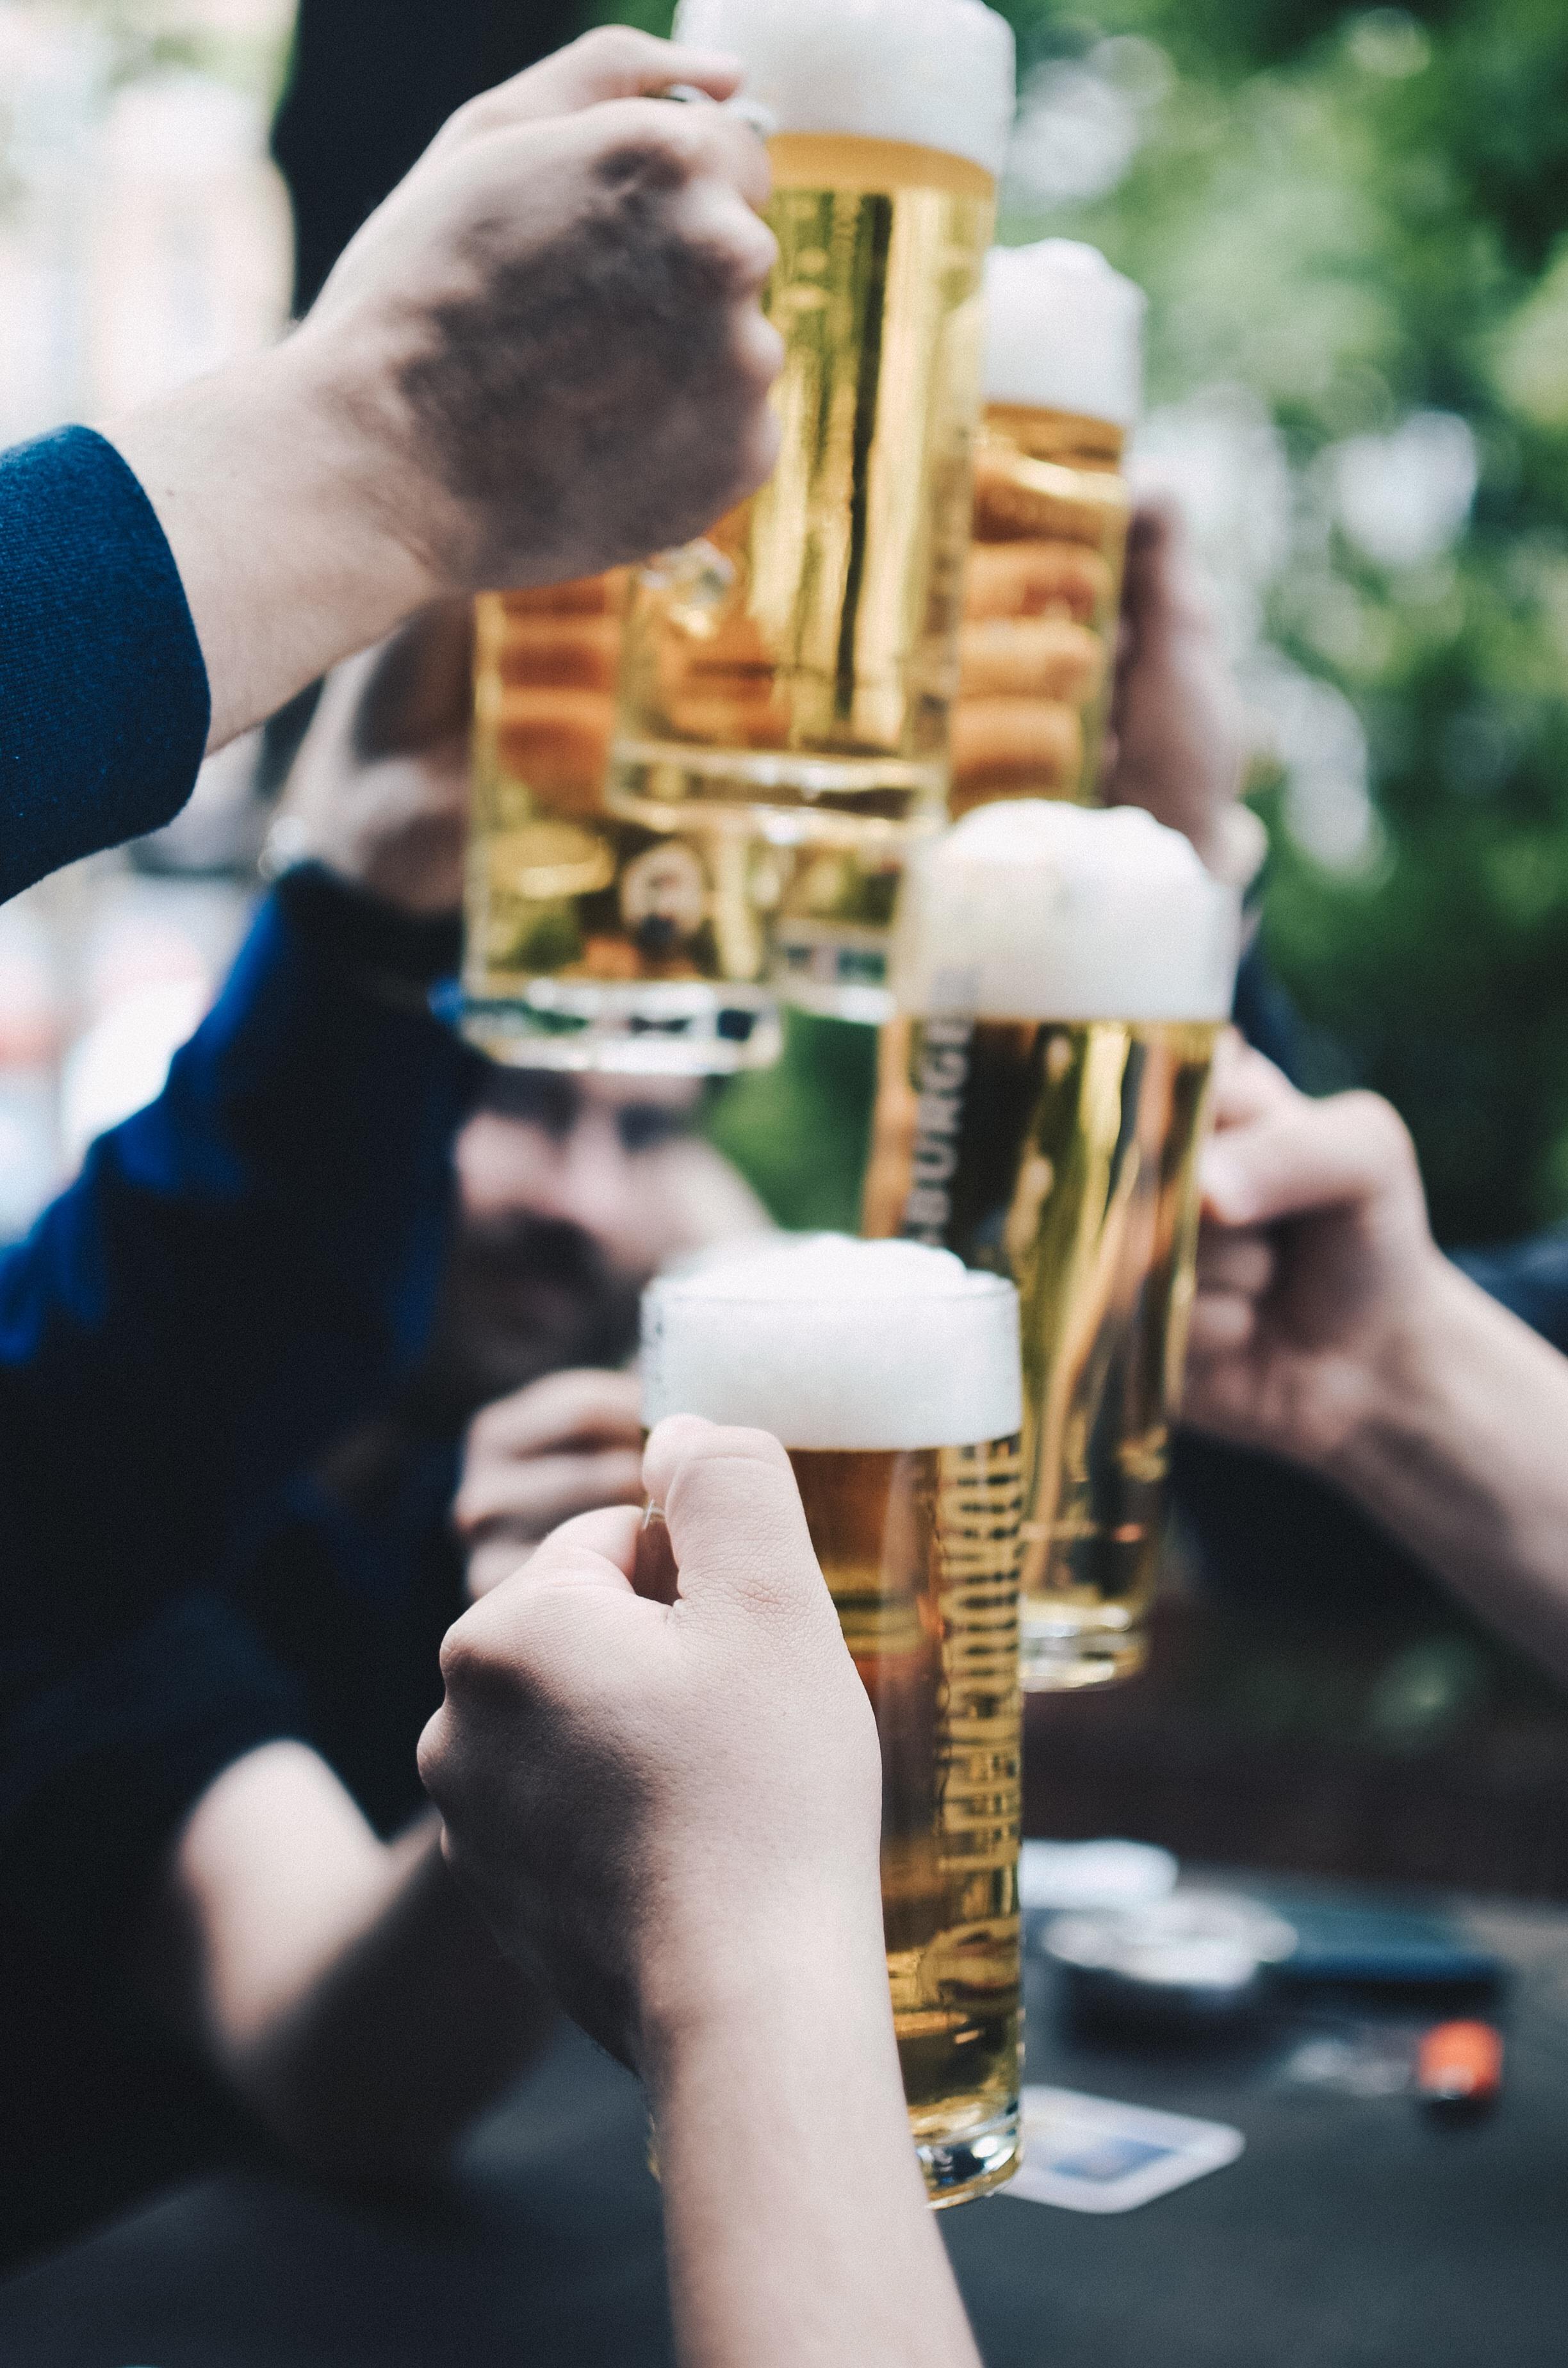 tay uống người bạn bia vui lên Lễ ảnh chụp giác quan